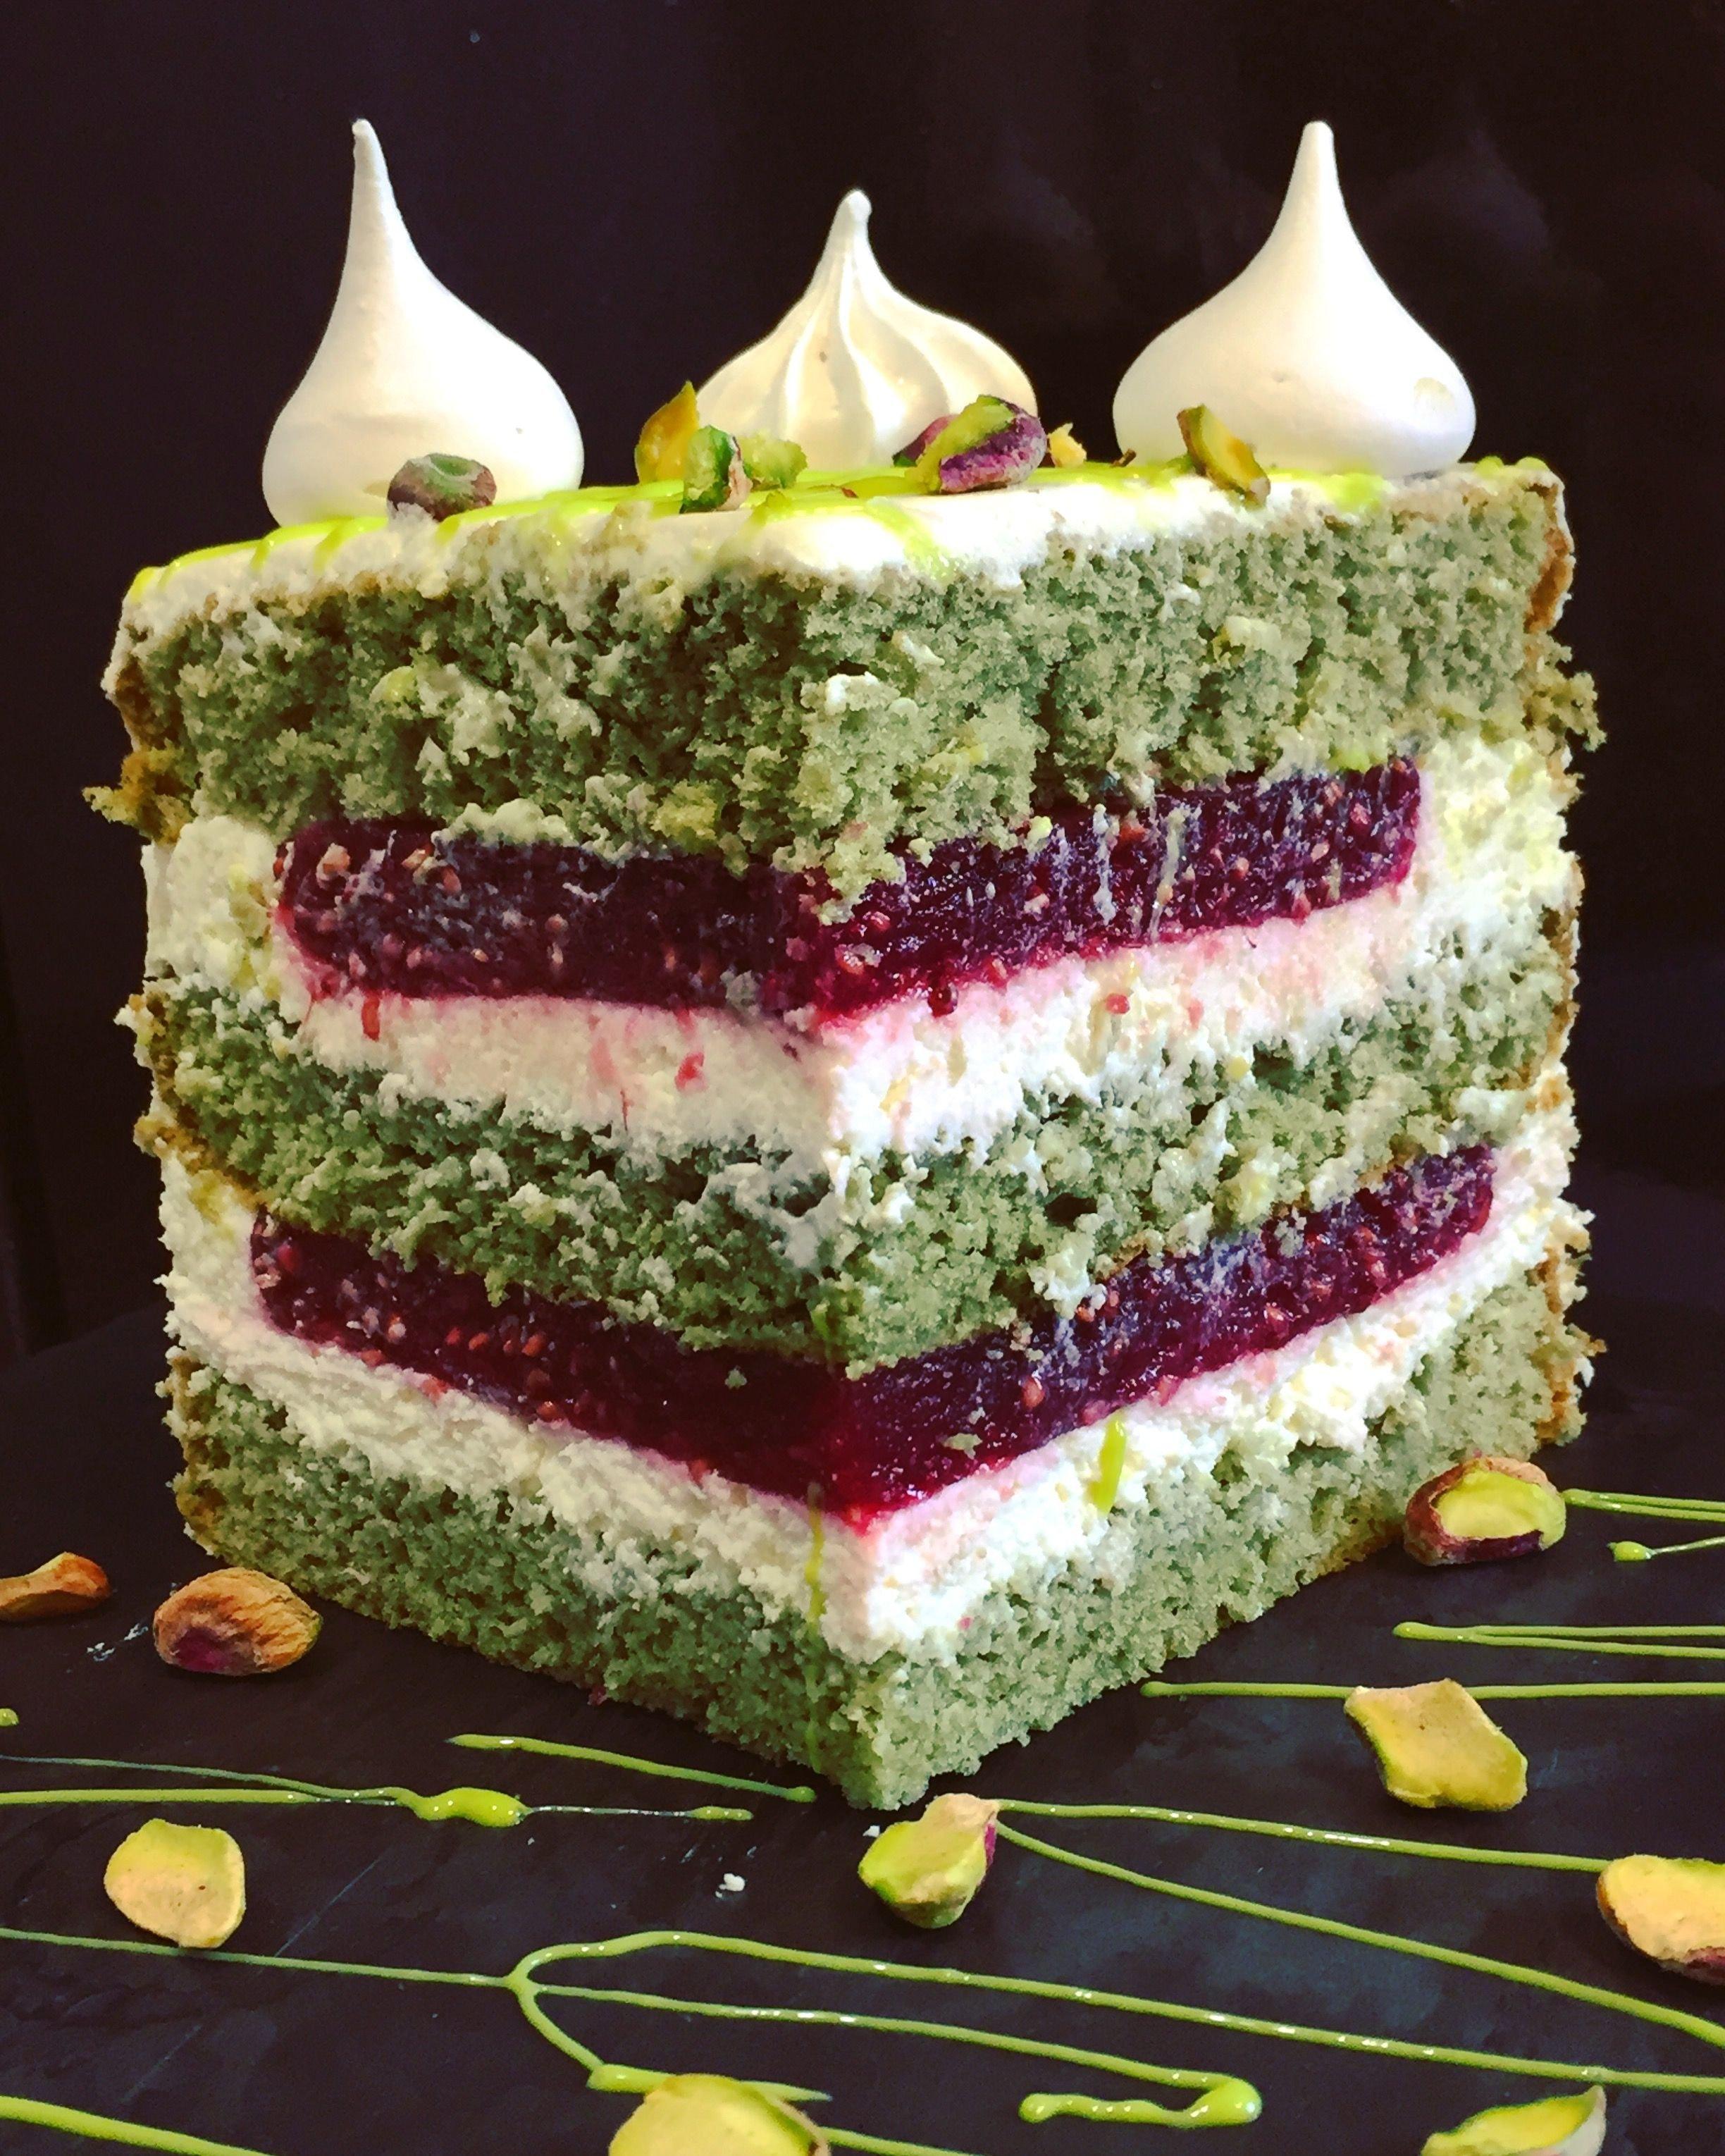 немецкого торт фисташковый бисквит рецепт с фото самые большие домашние